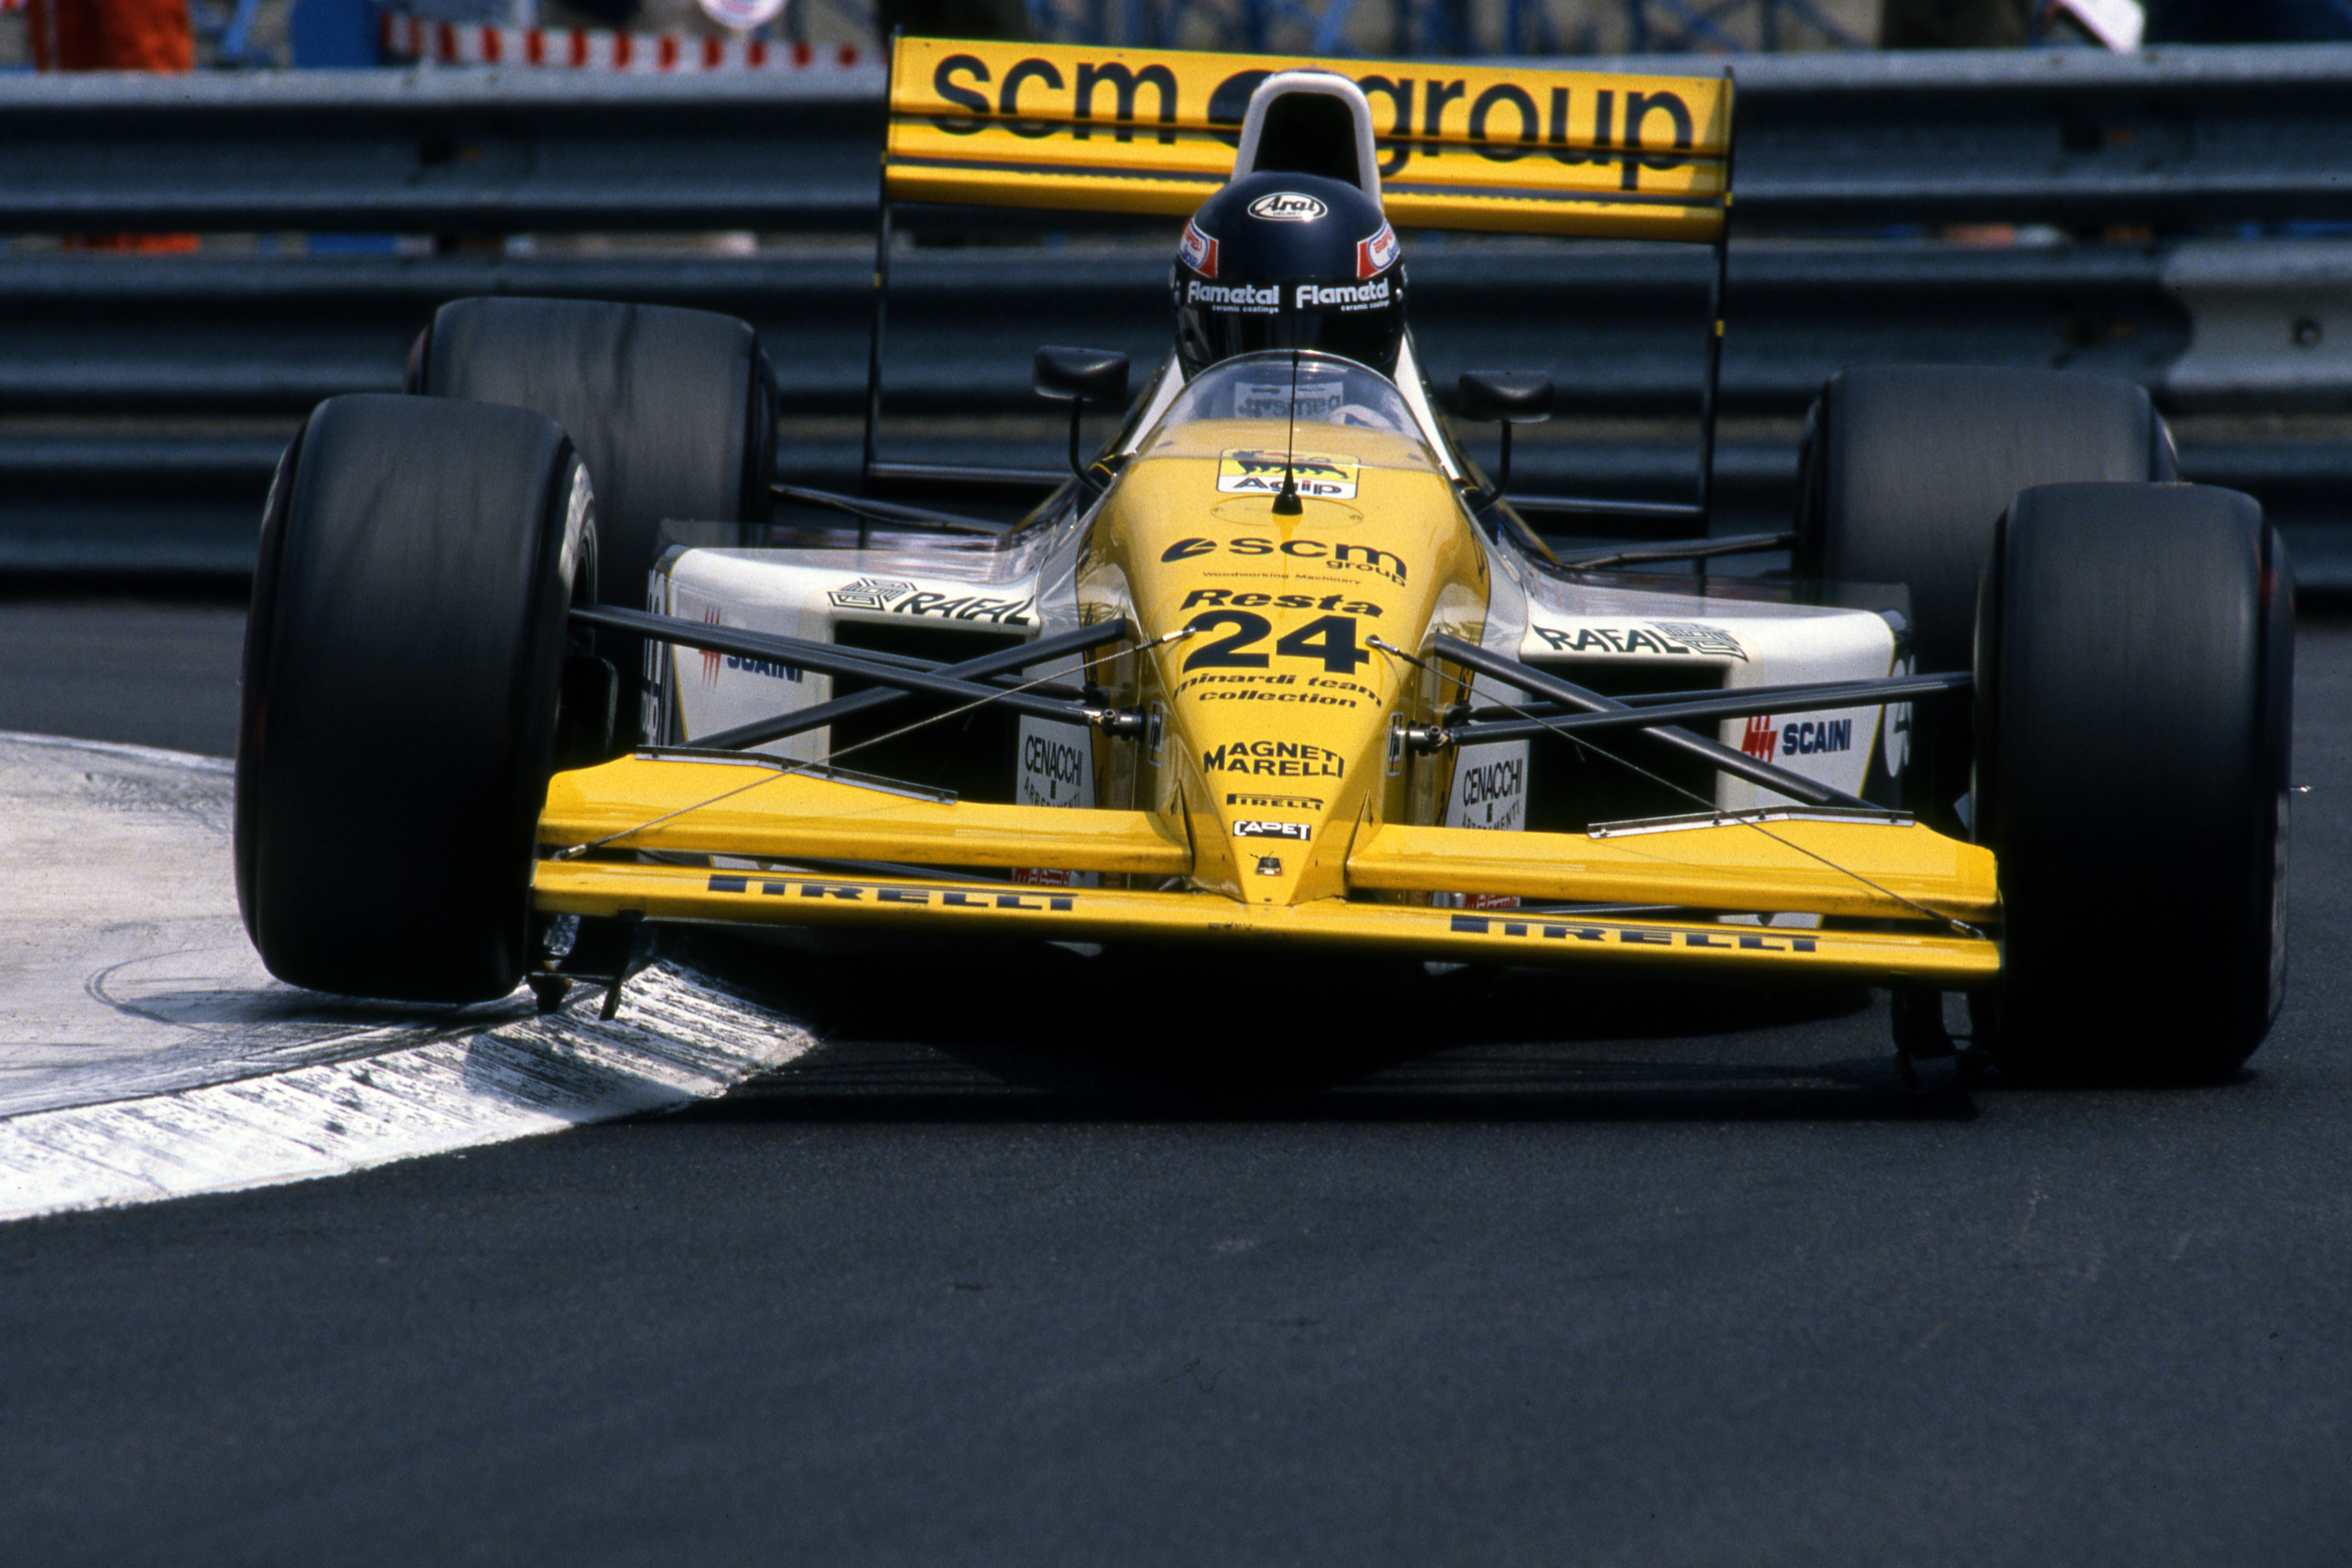 Monaco Grand Prix Monte Carlo (mc) 24 27 05 1990